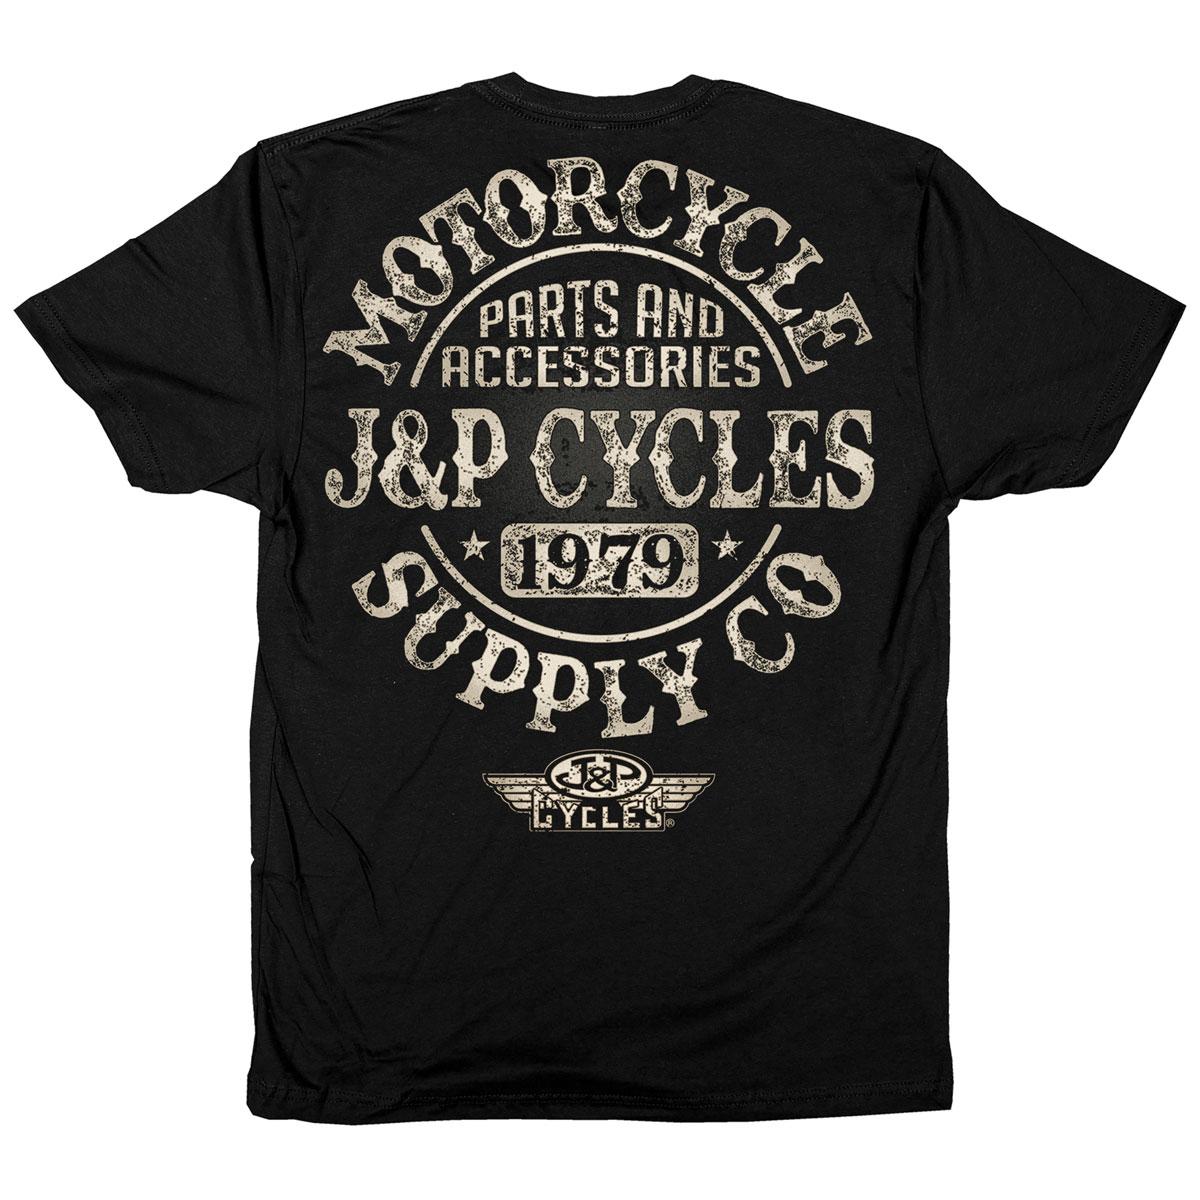 J&P Cycles Men's Big Coaster Black T-Shirt